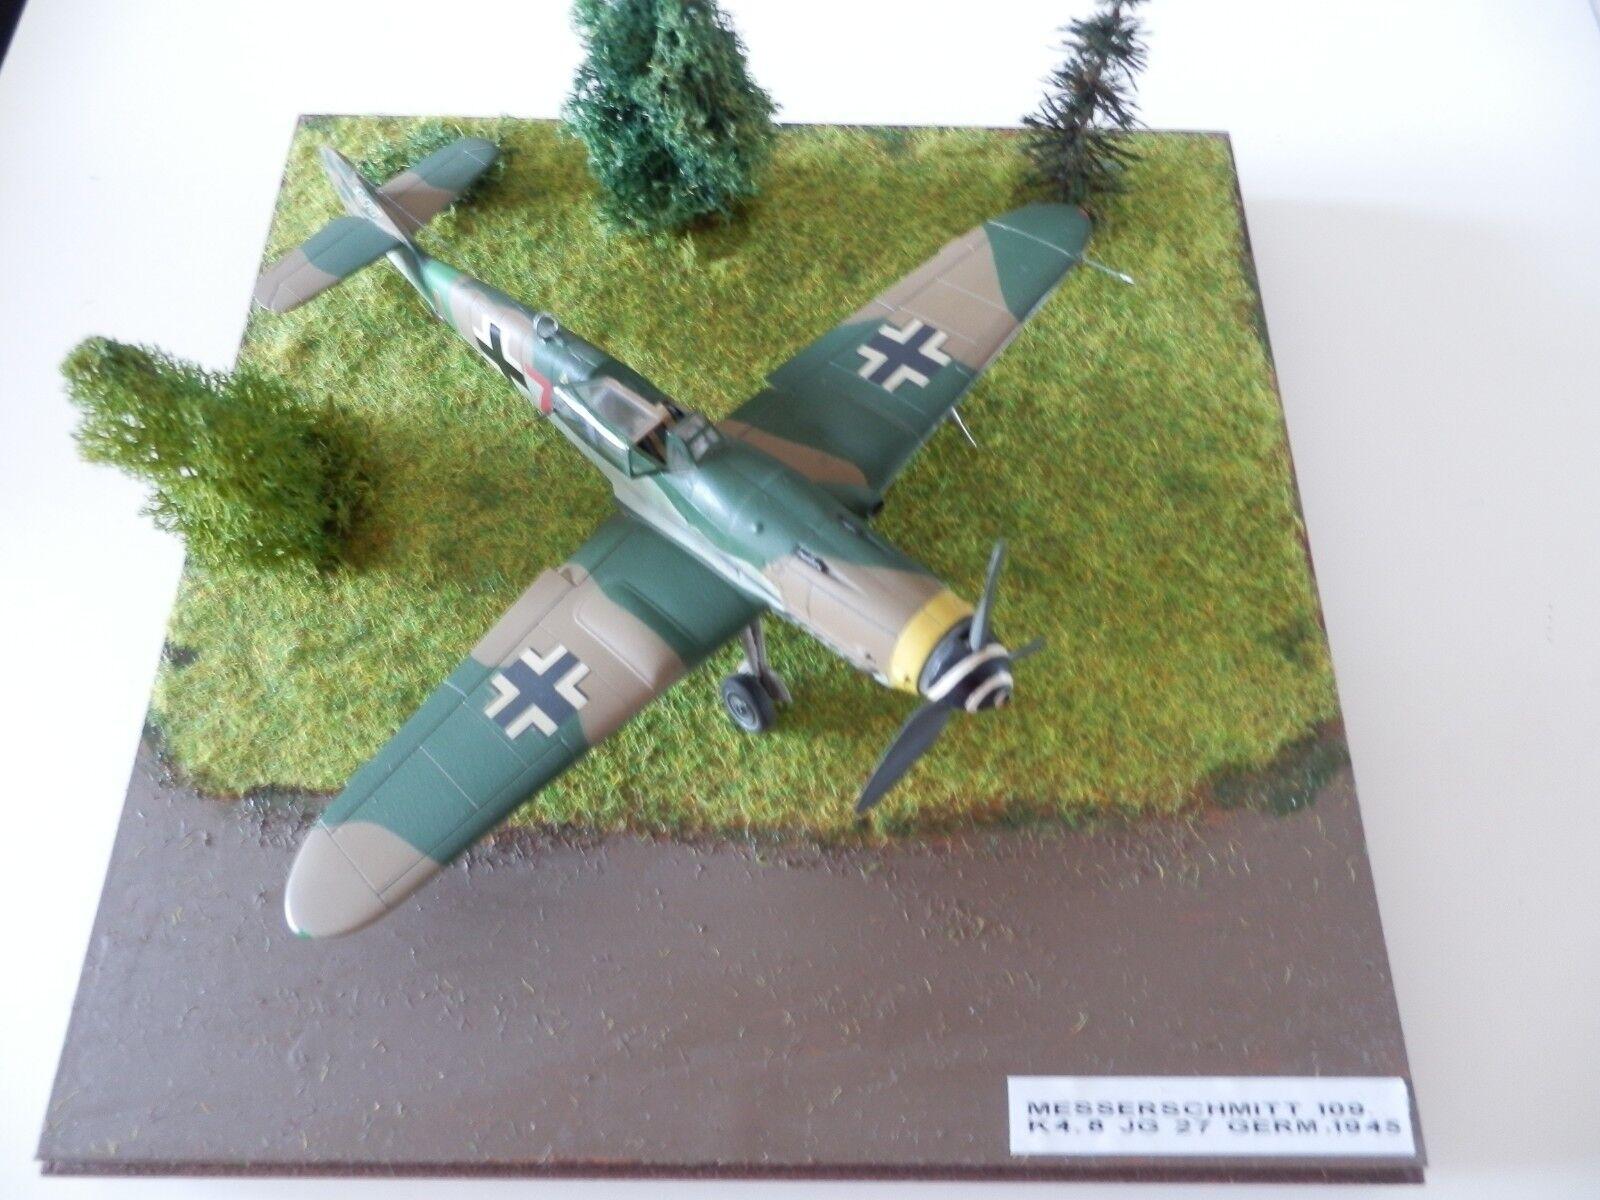 Messerschmitt Bf 109 k4 1:48 - modellismo